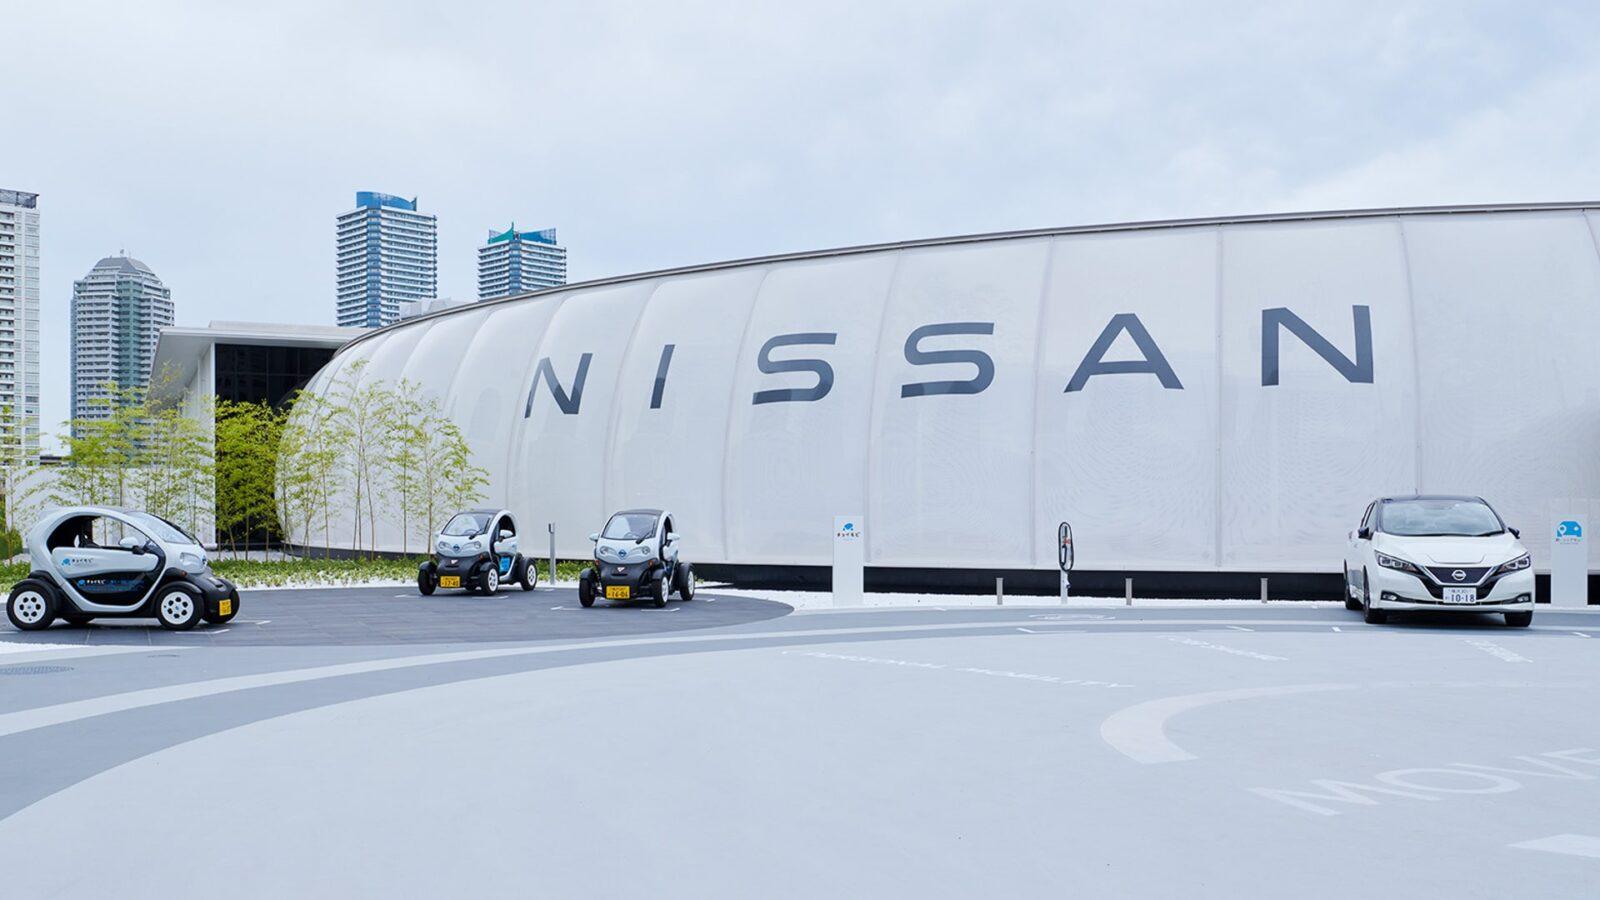 Nissan Pavilion